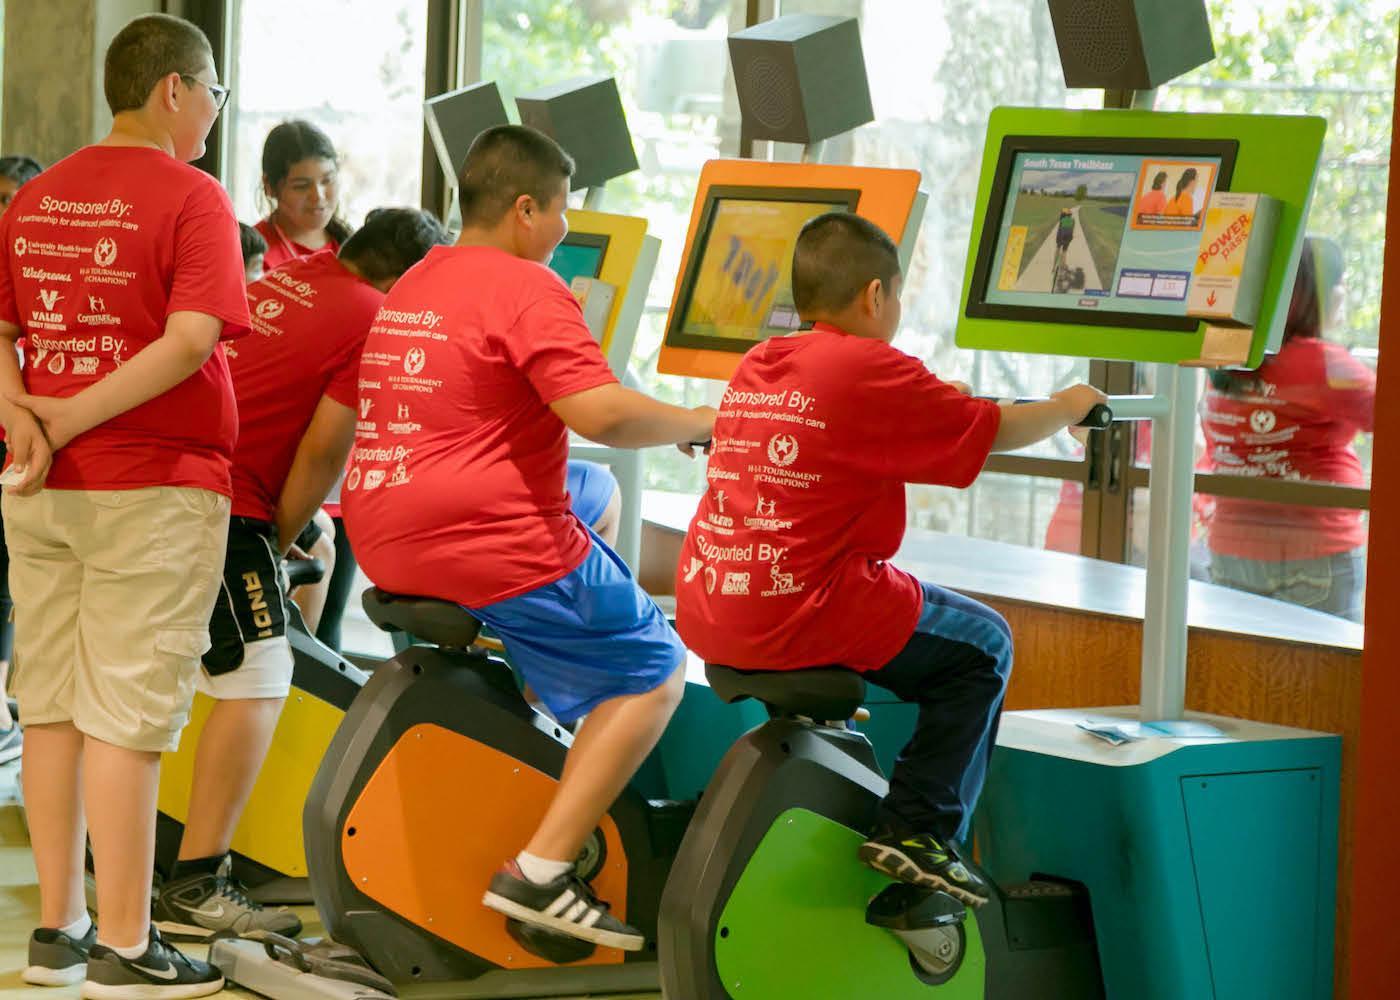 Children riding stationery bike